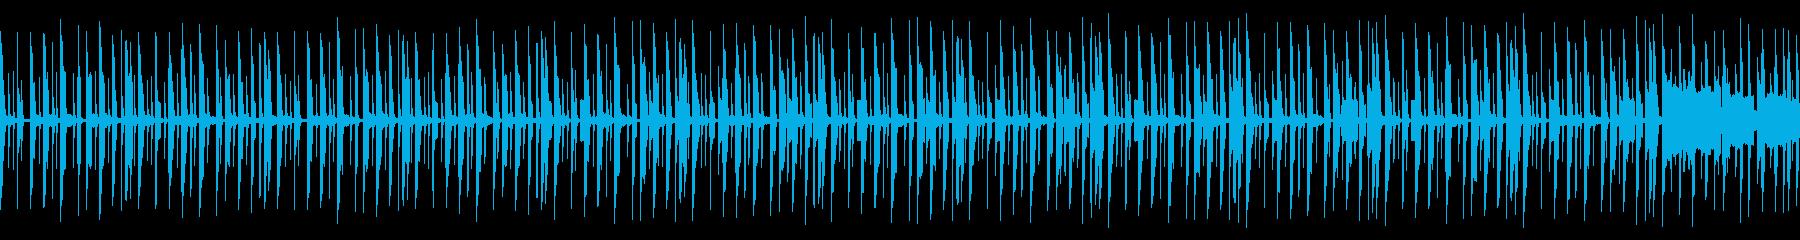 【ループ版】8ビット/チップチューン系の再生済みの波形